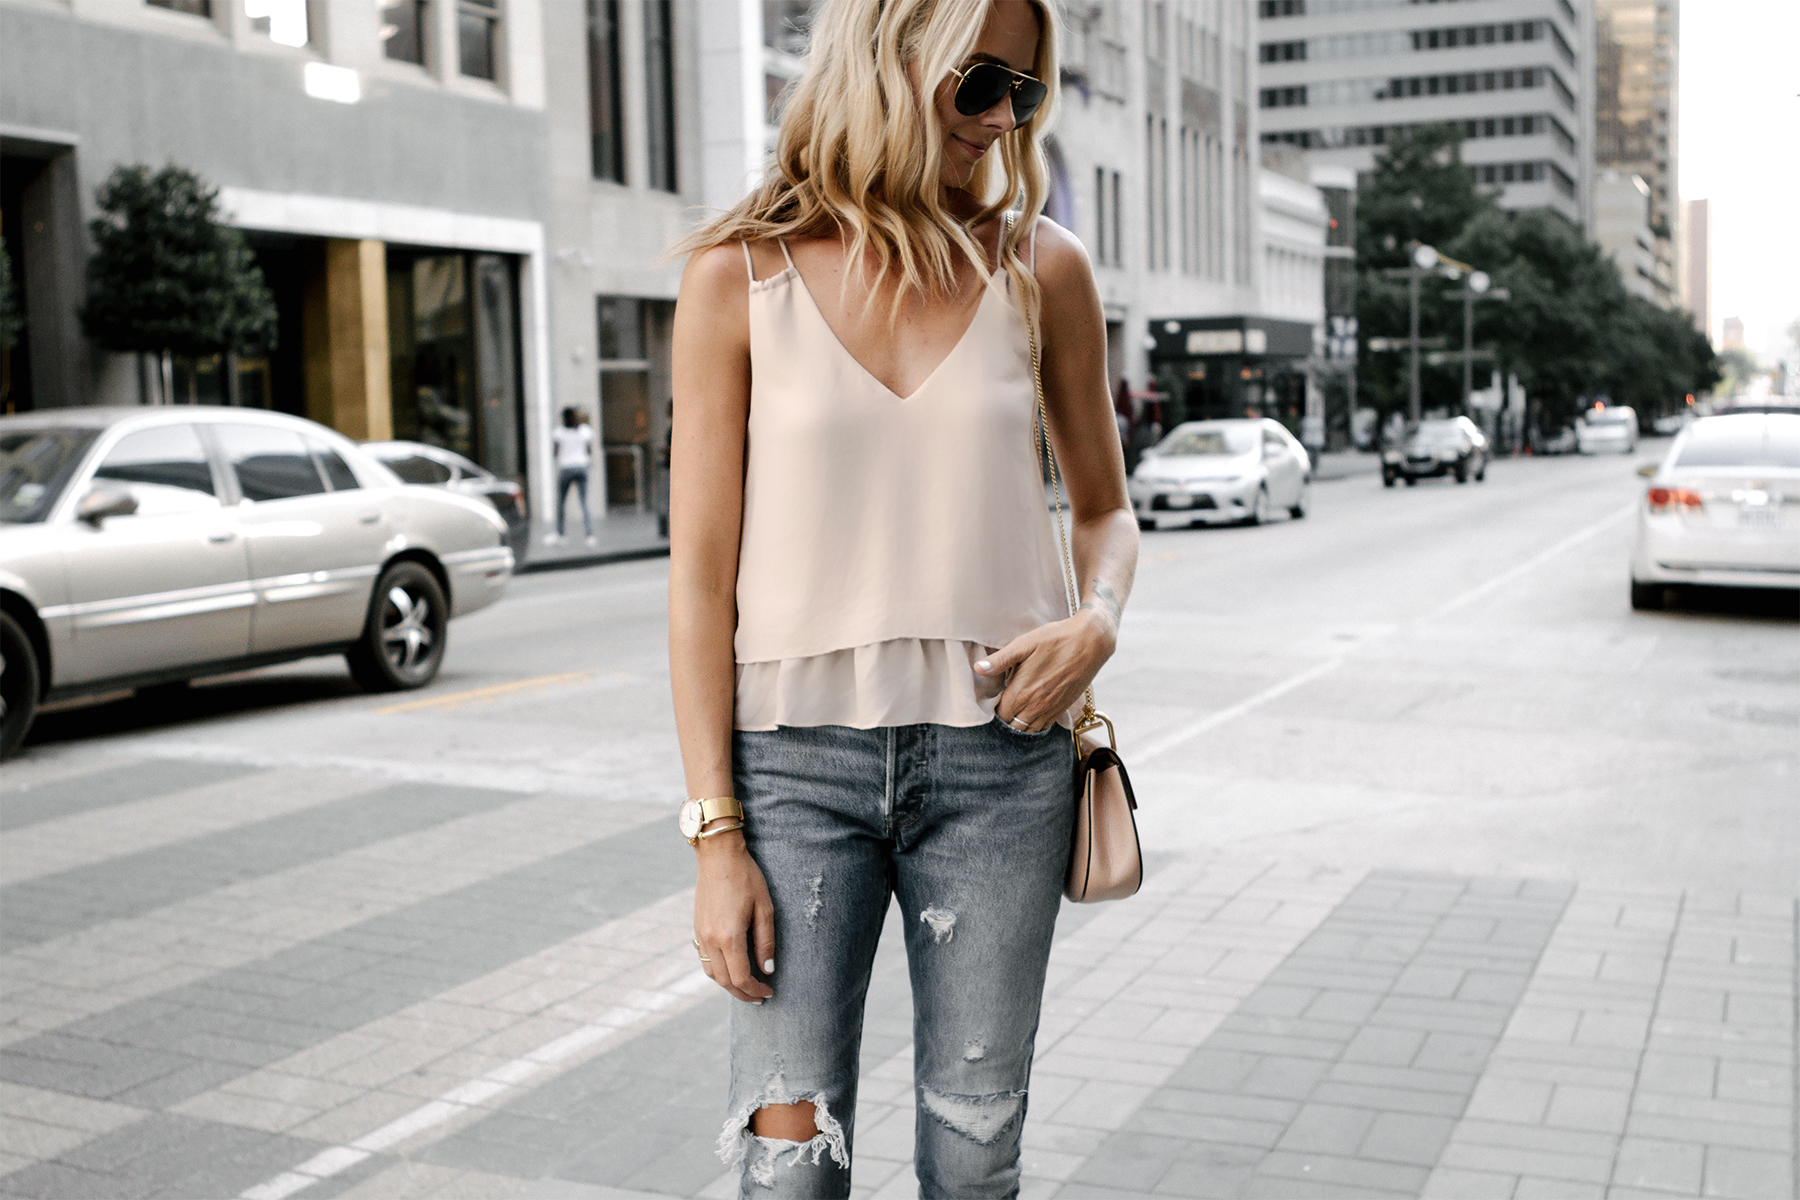 Blonde Woman Wearing Mango Blush Pink Camisole Tank Top